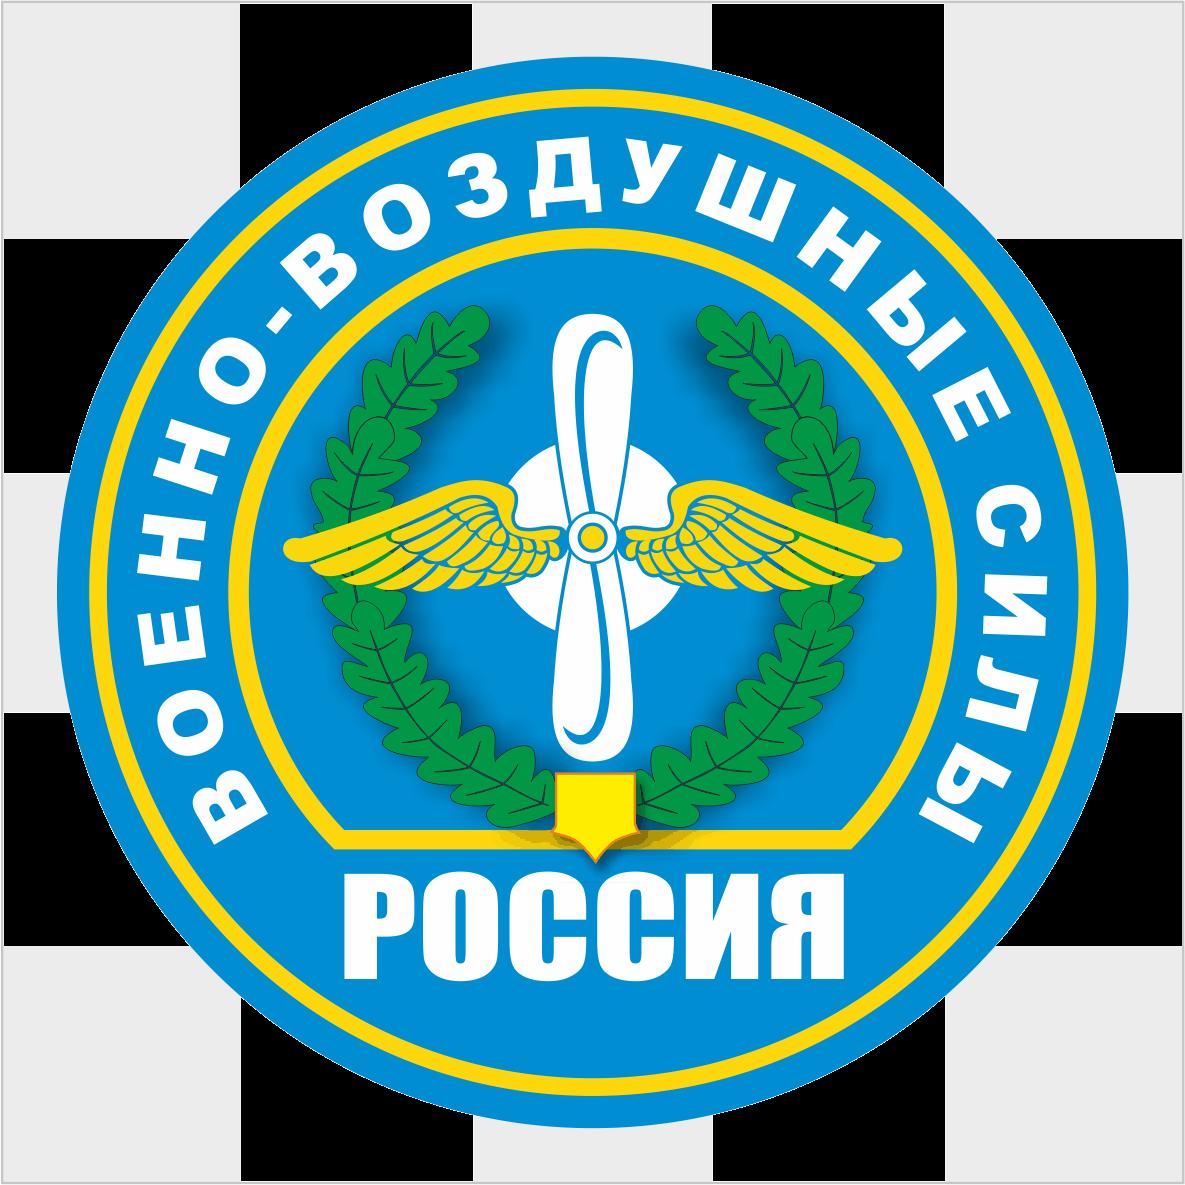 эмблема ввс россии картинки чемпионат европы